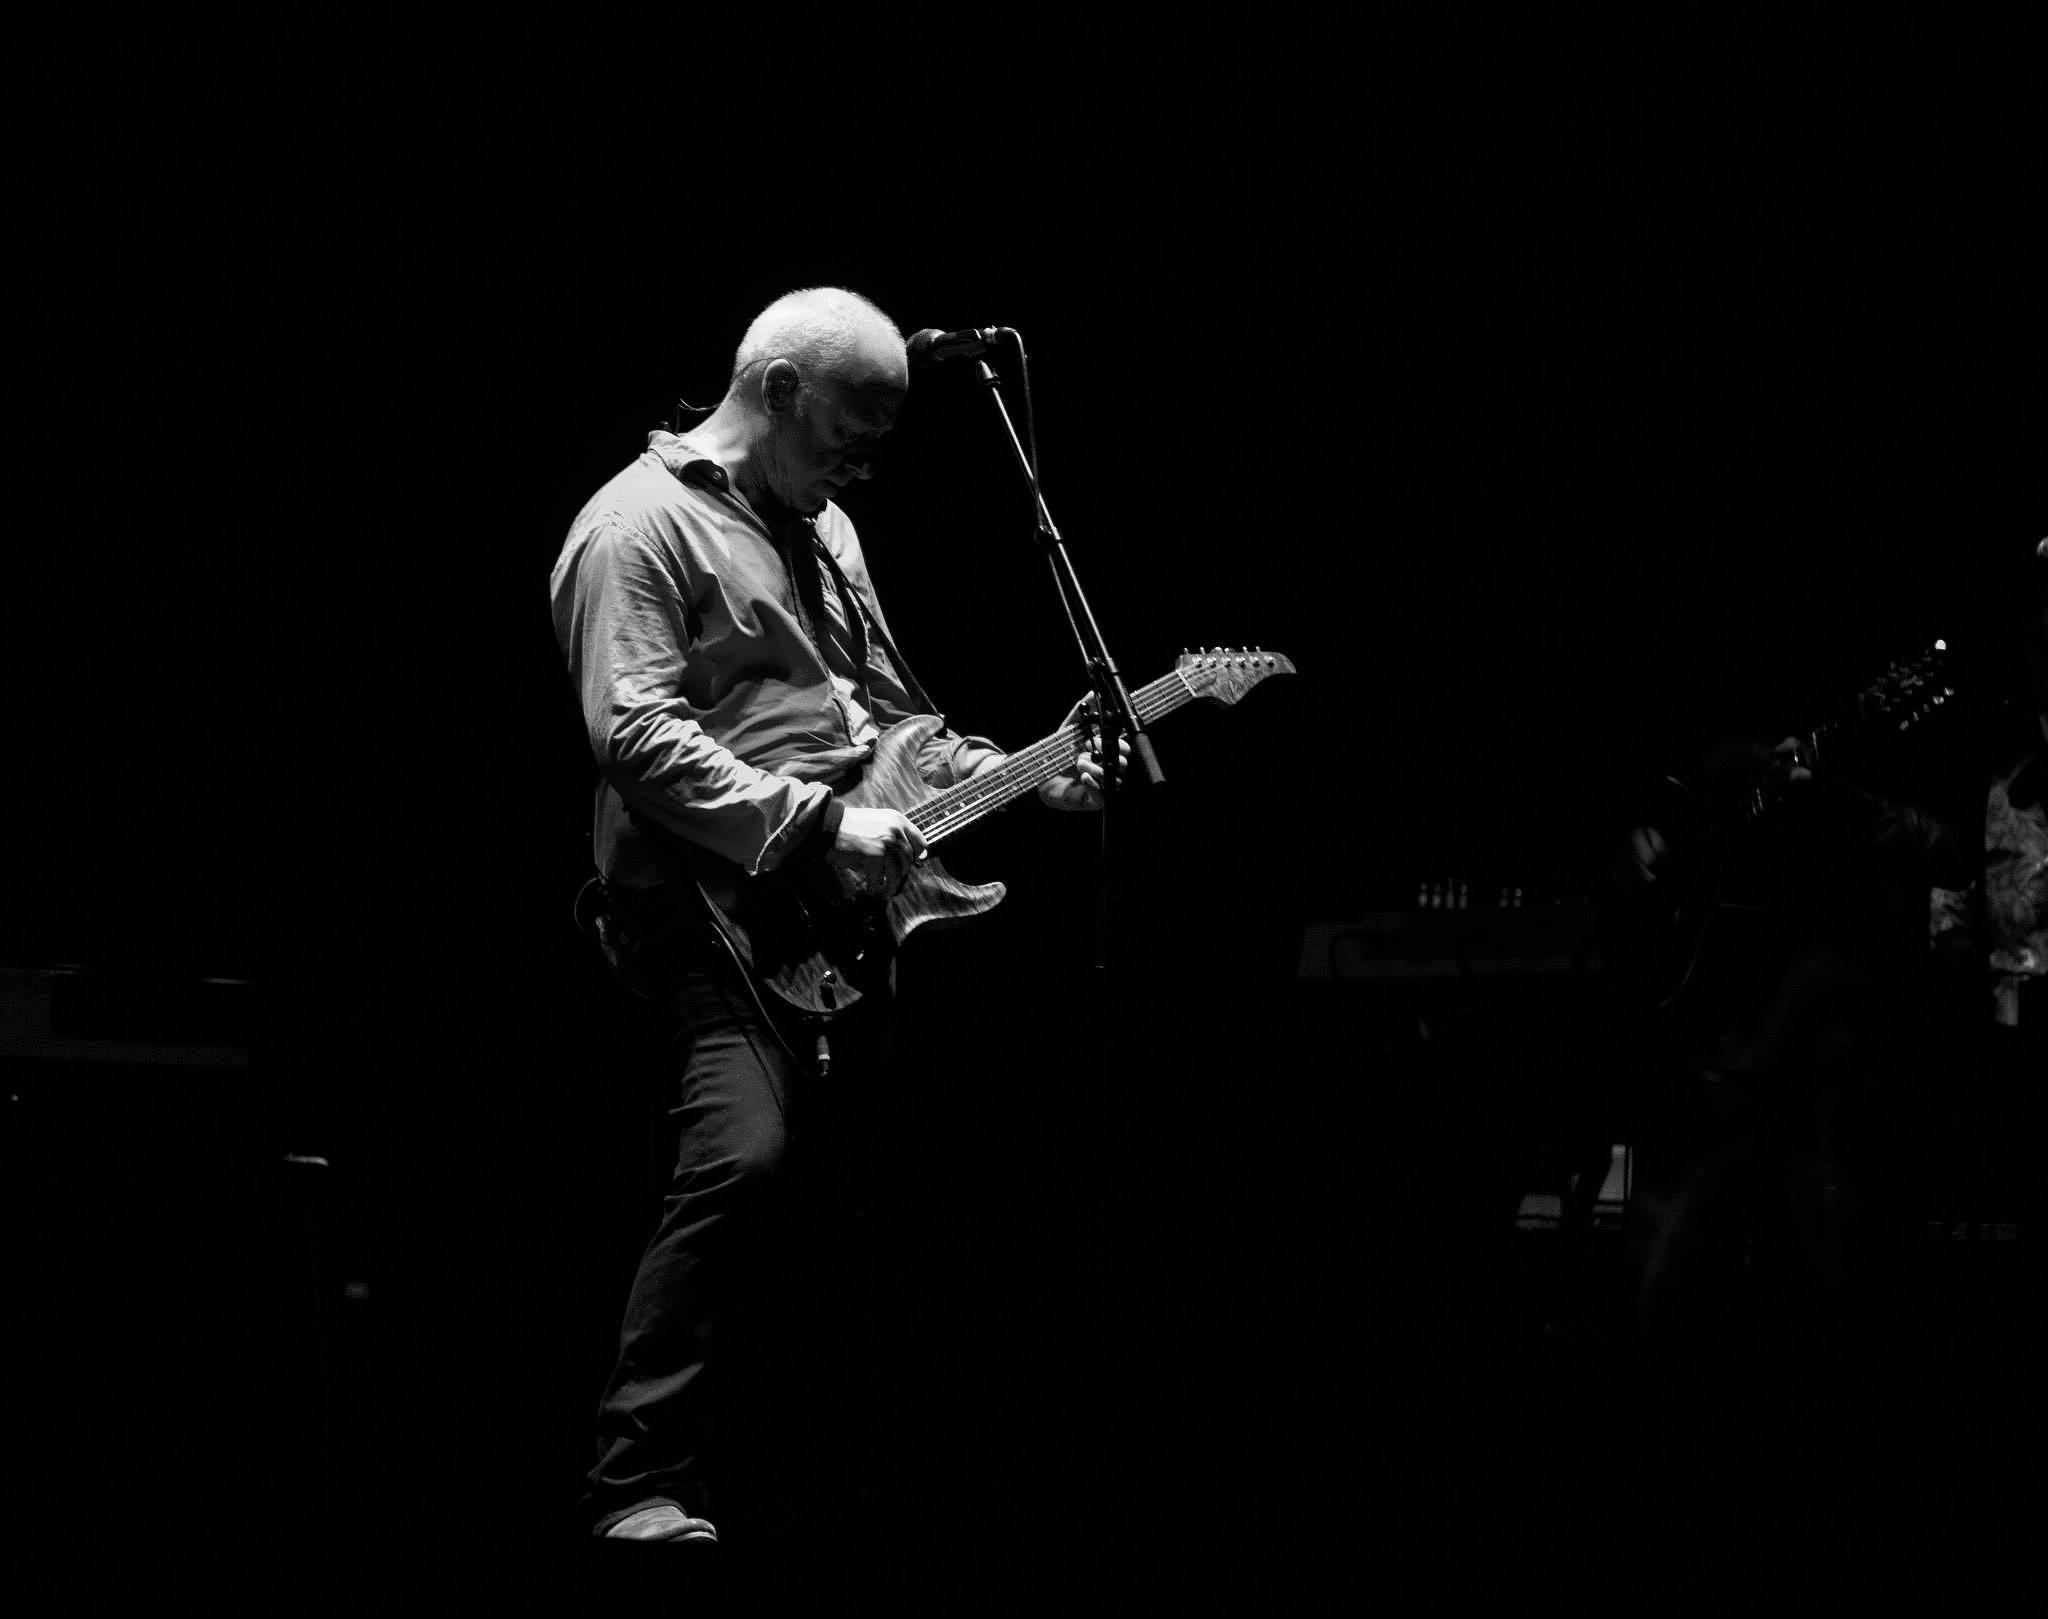 Mark Knoppfler by Joe Muscat